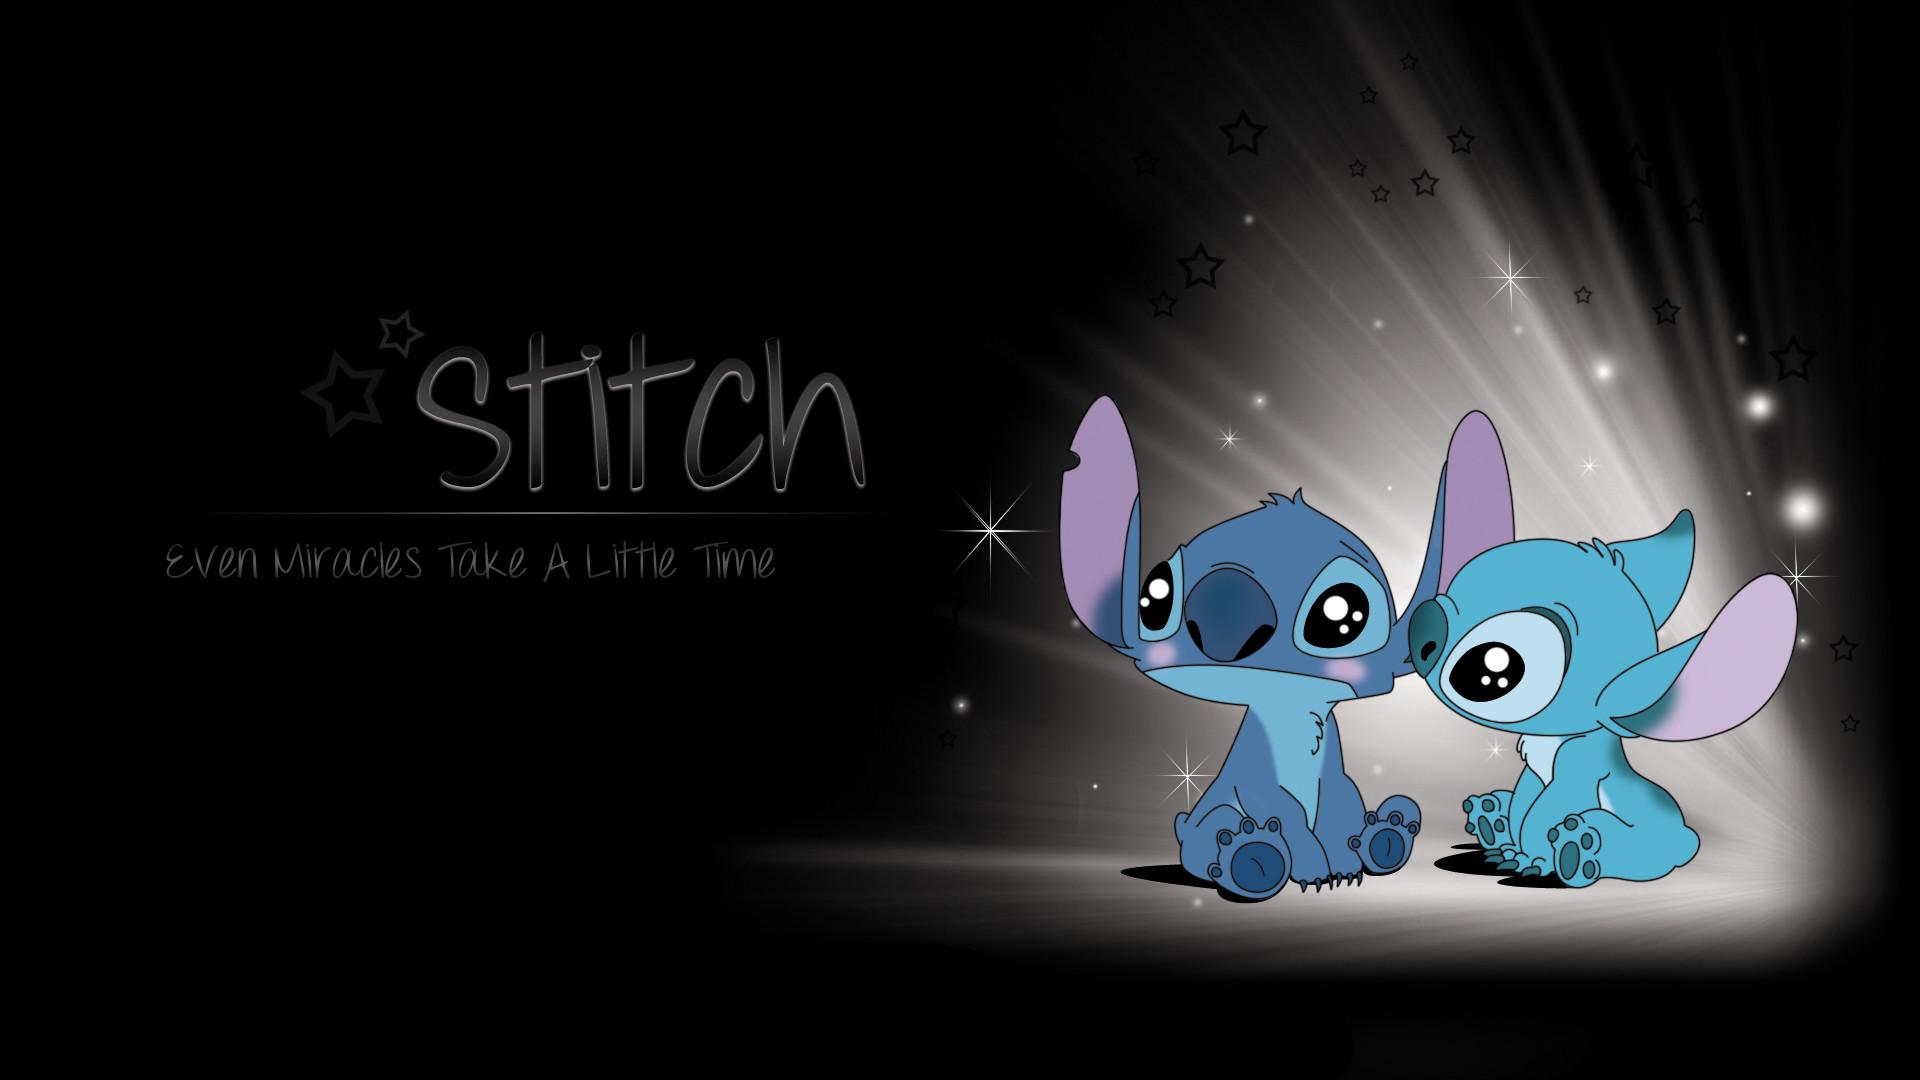 Sad Stitch Wallpaper Stitch wallpaper 1920×1080